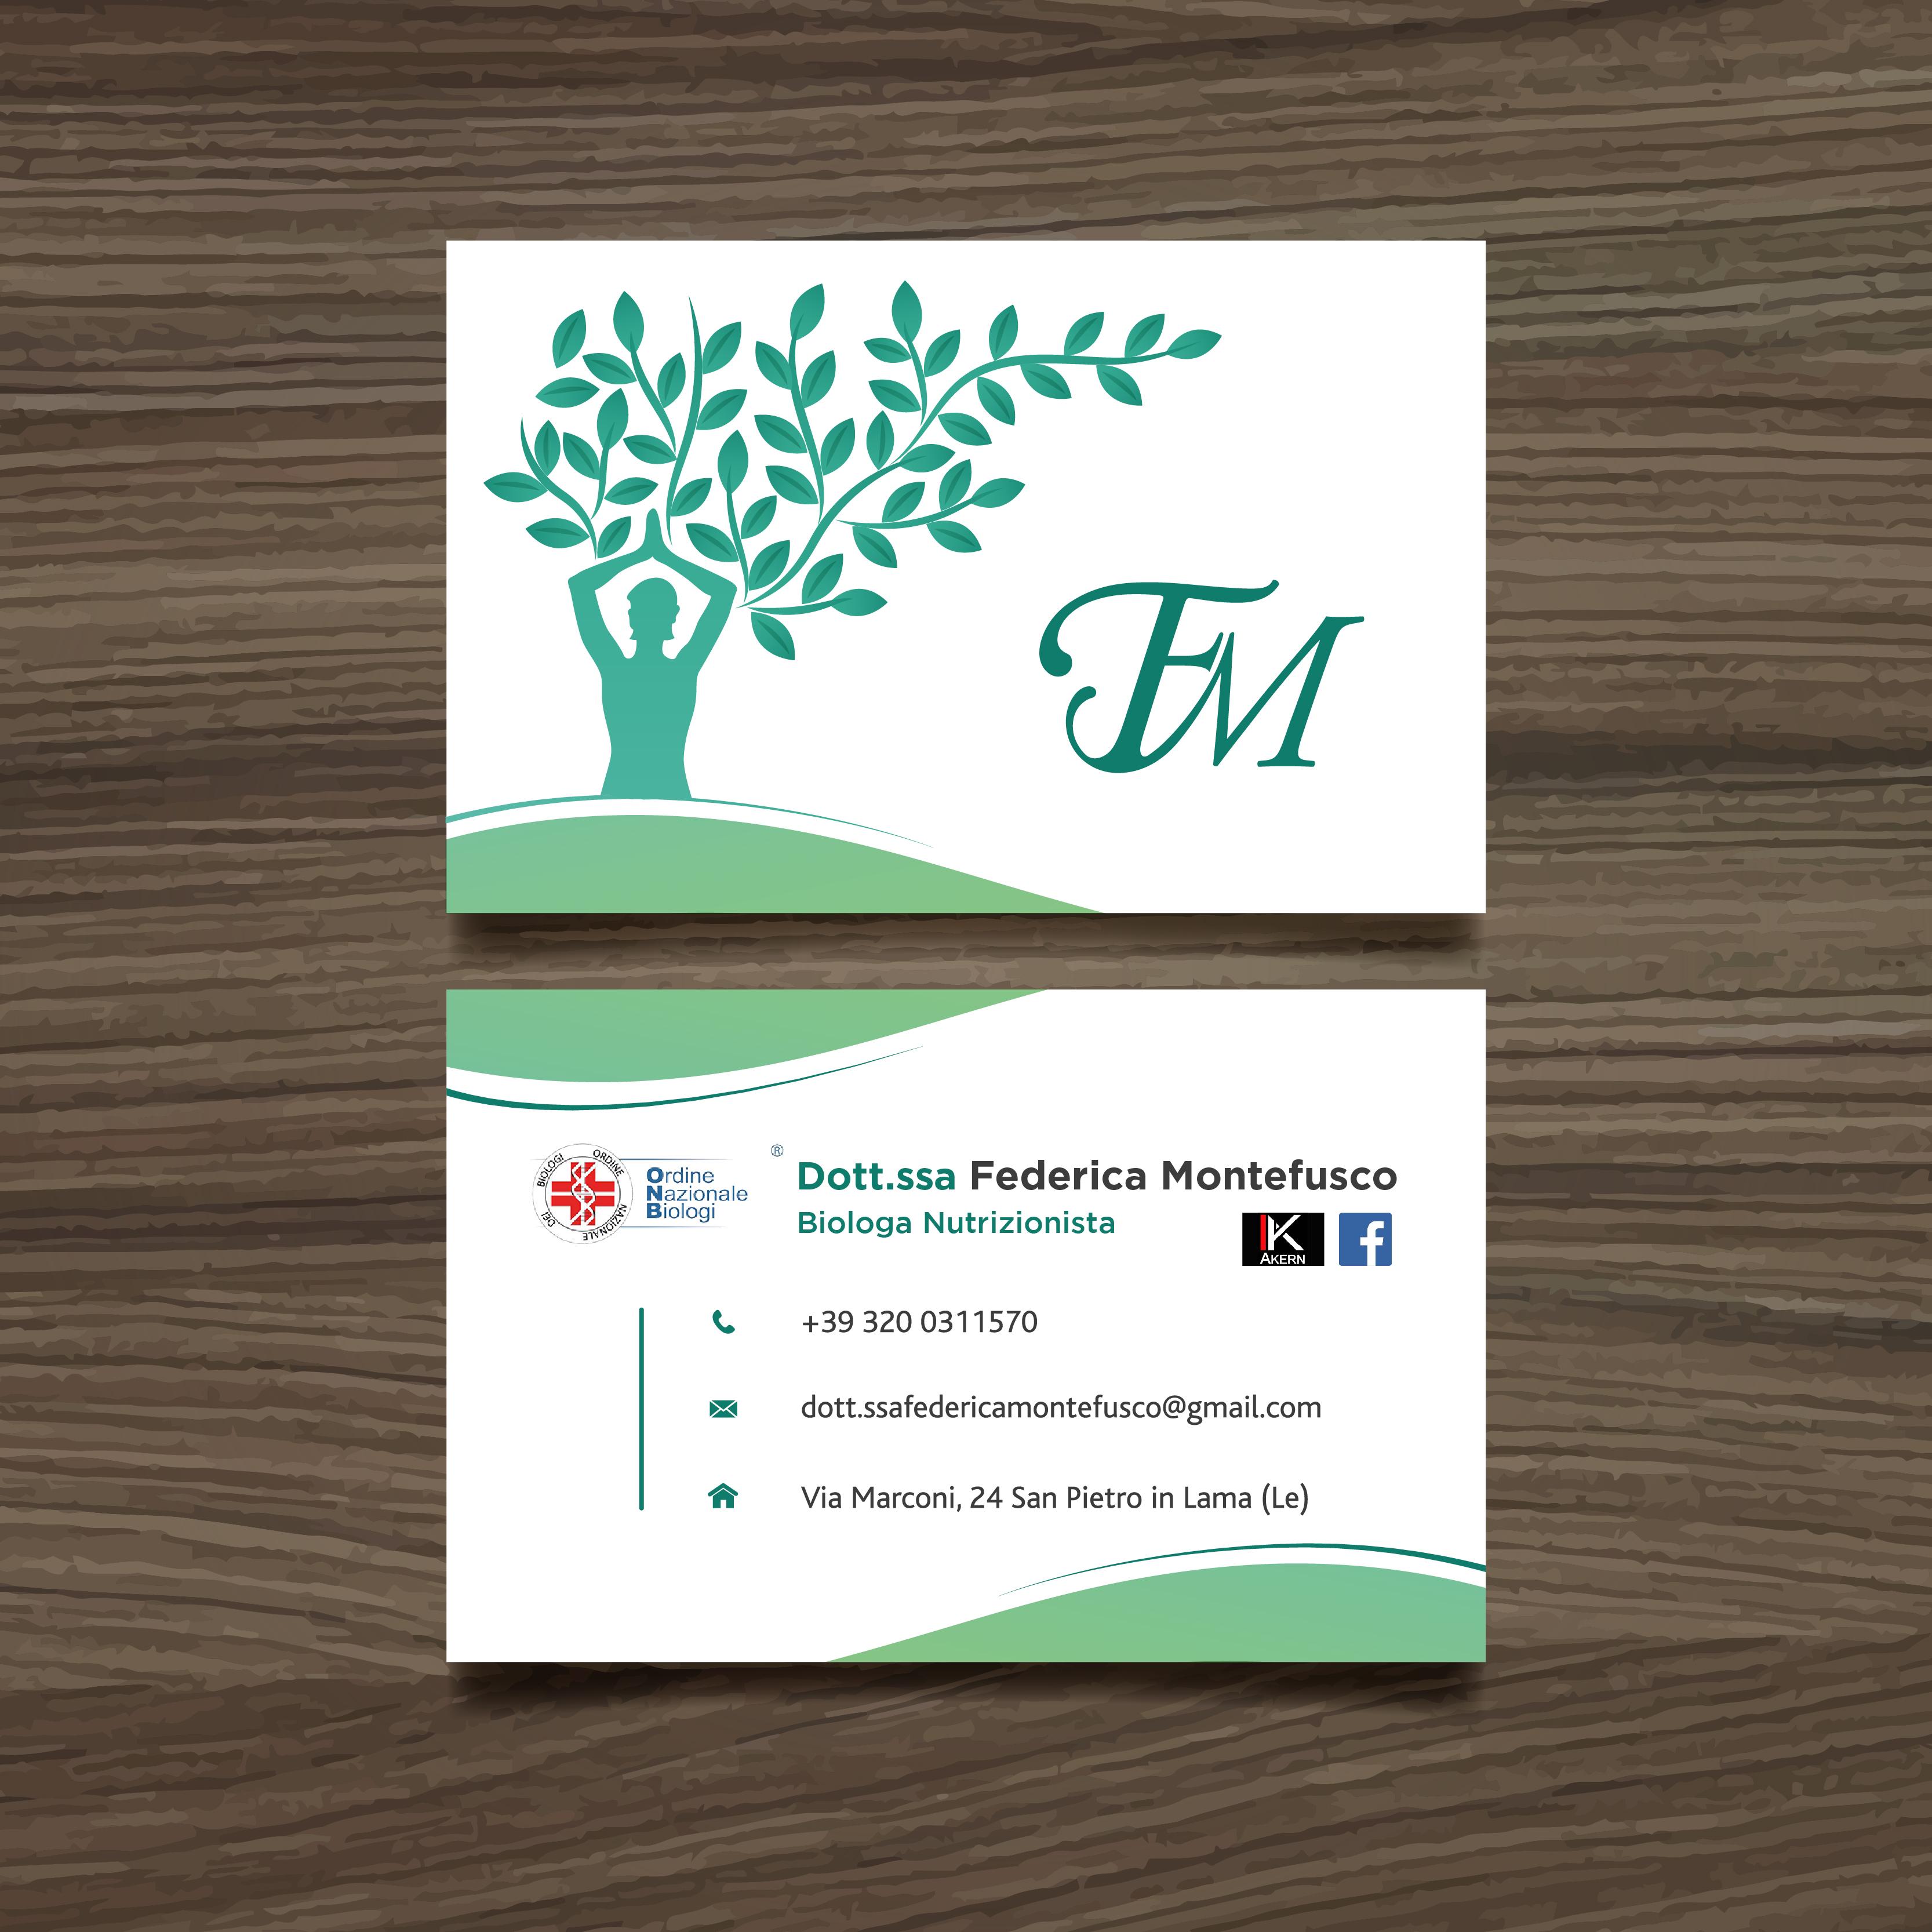 Business card V1-01-01-01-01-01